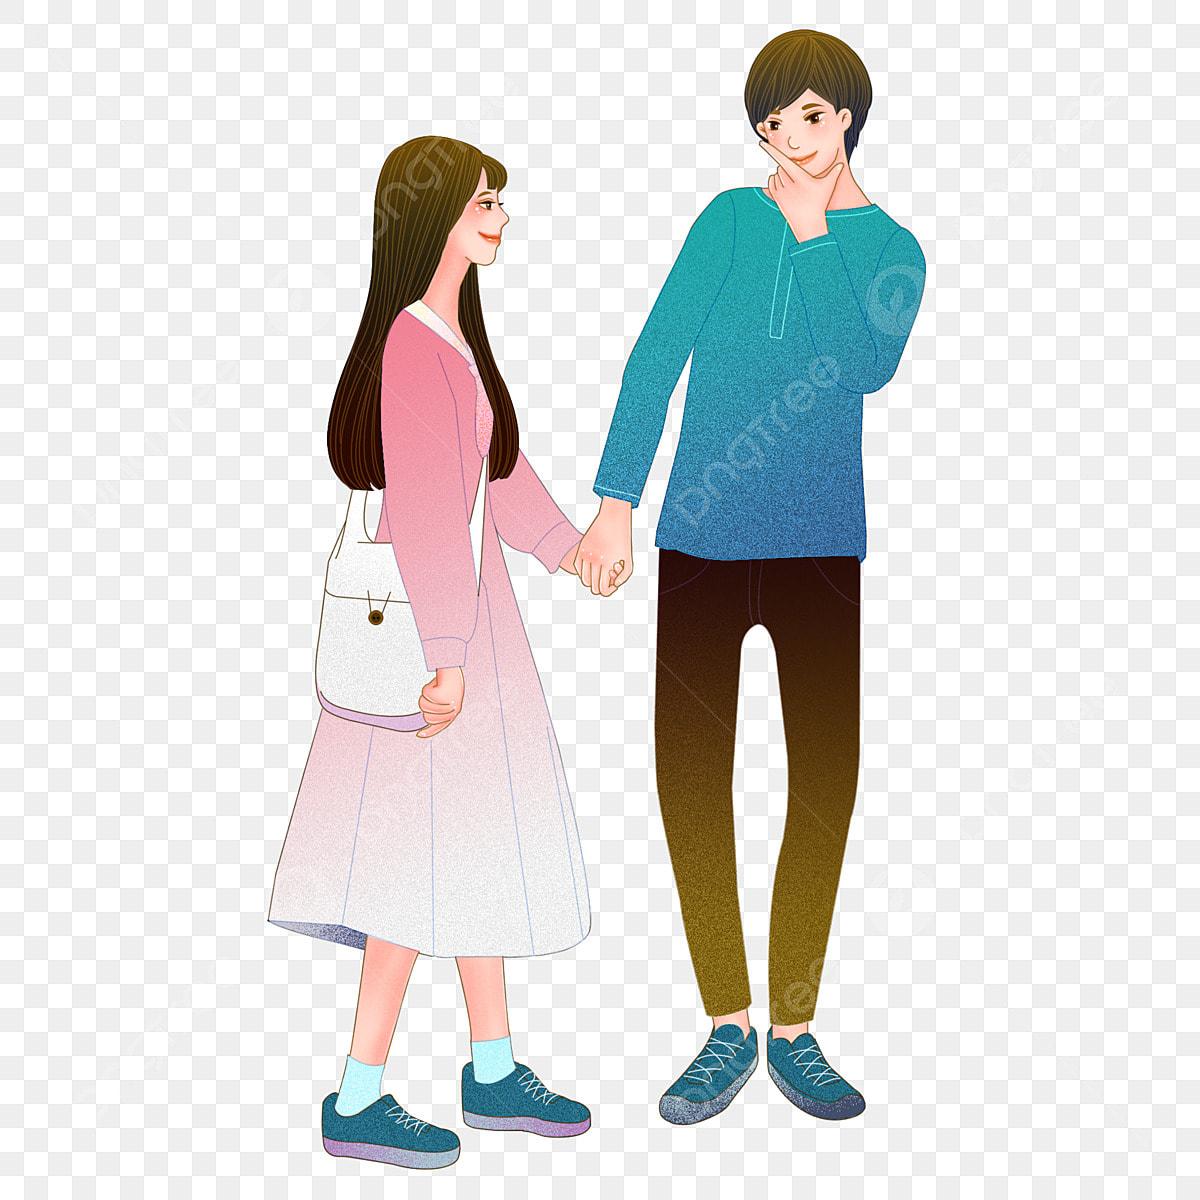 Gambar Pasangan Lukisan Korea Kekasih Pasangan Cinta Pasangan Yang Cantik Korea Pasangan Lukisan Korea Png Dan Psd Untuk Muat Turun Percuma